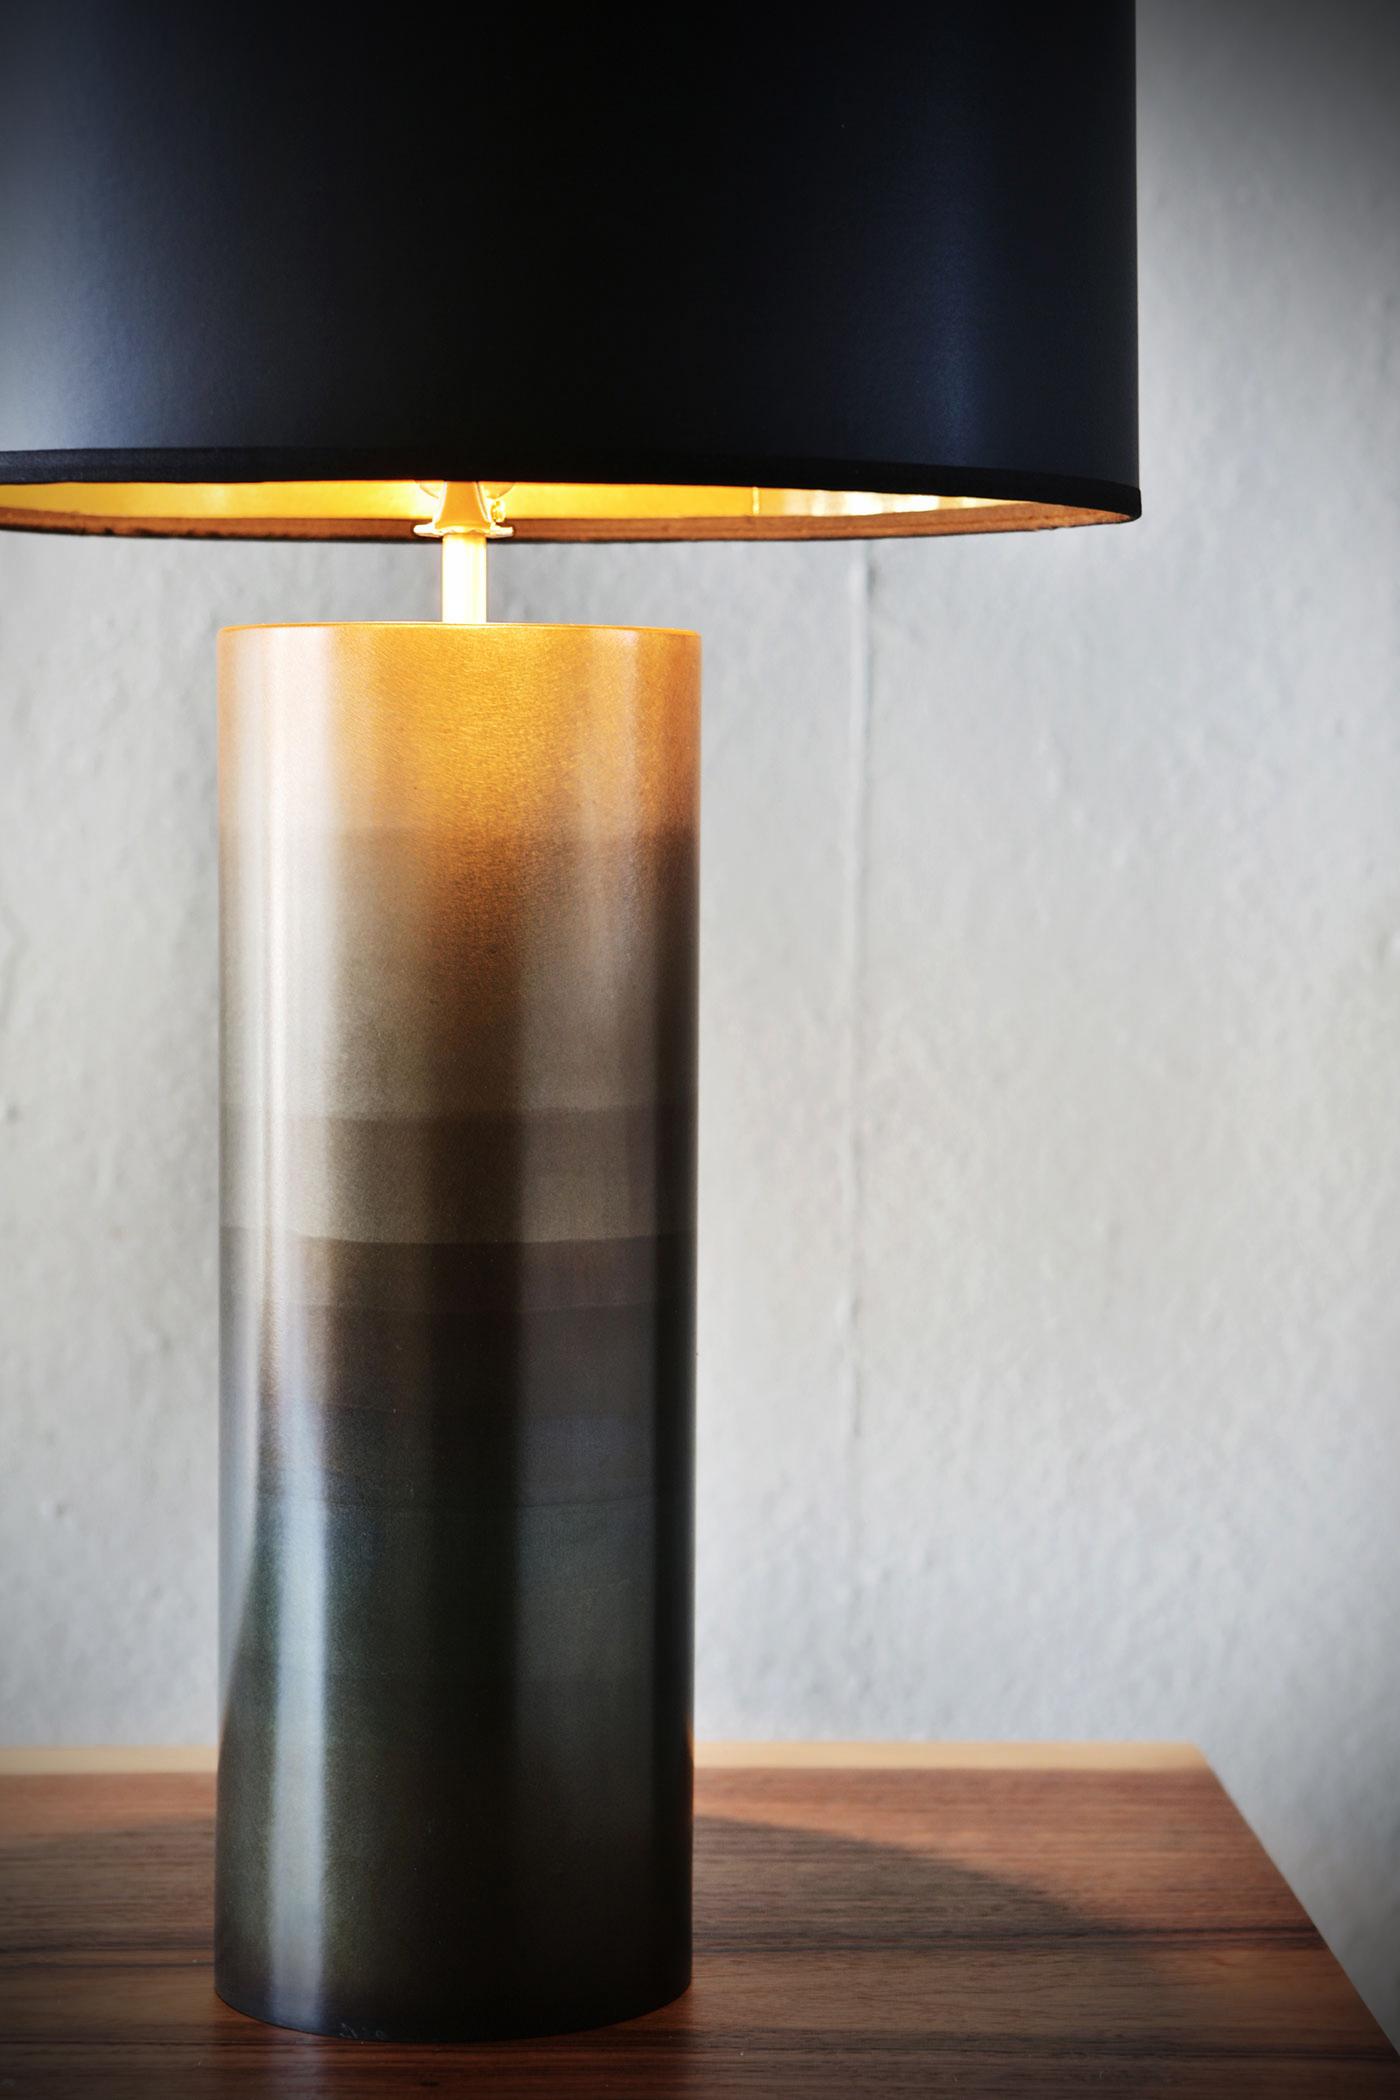 rndlampdetail.jpg